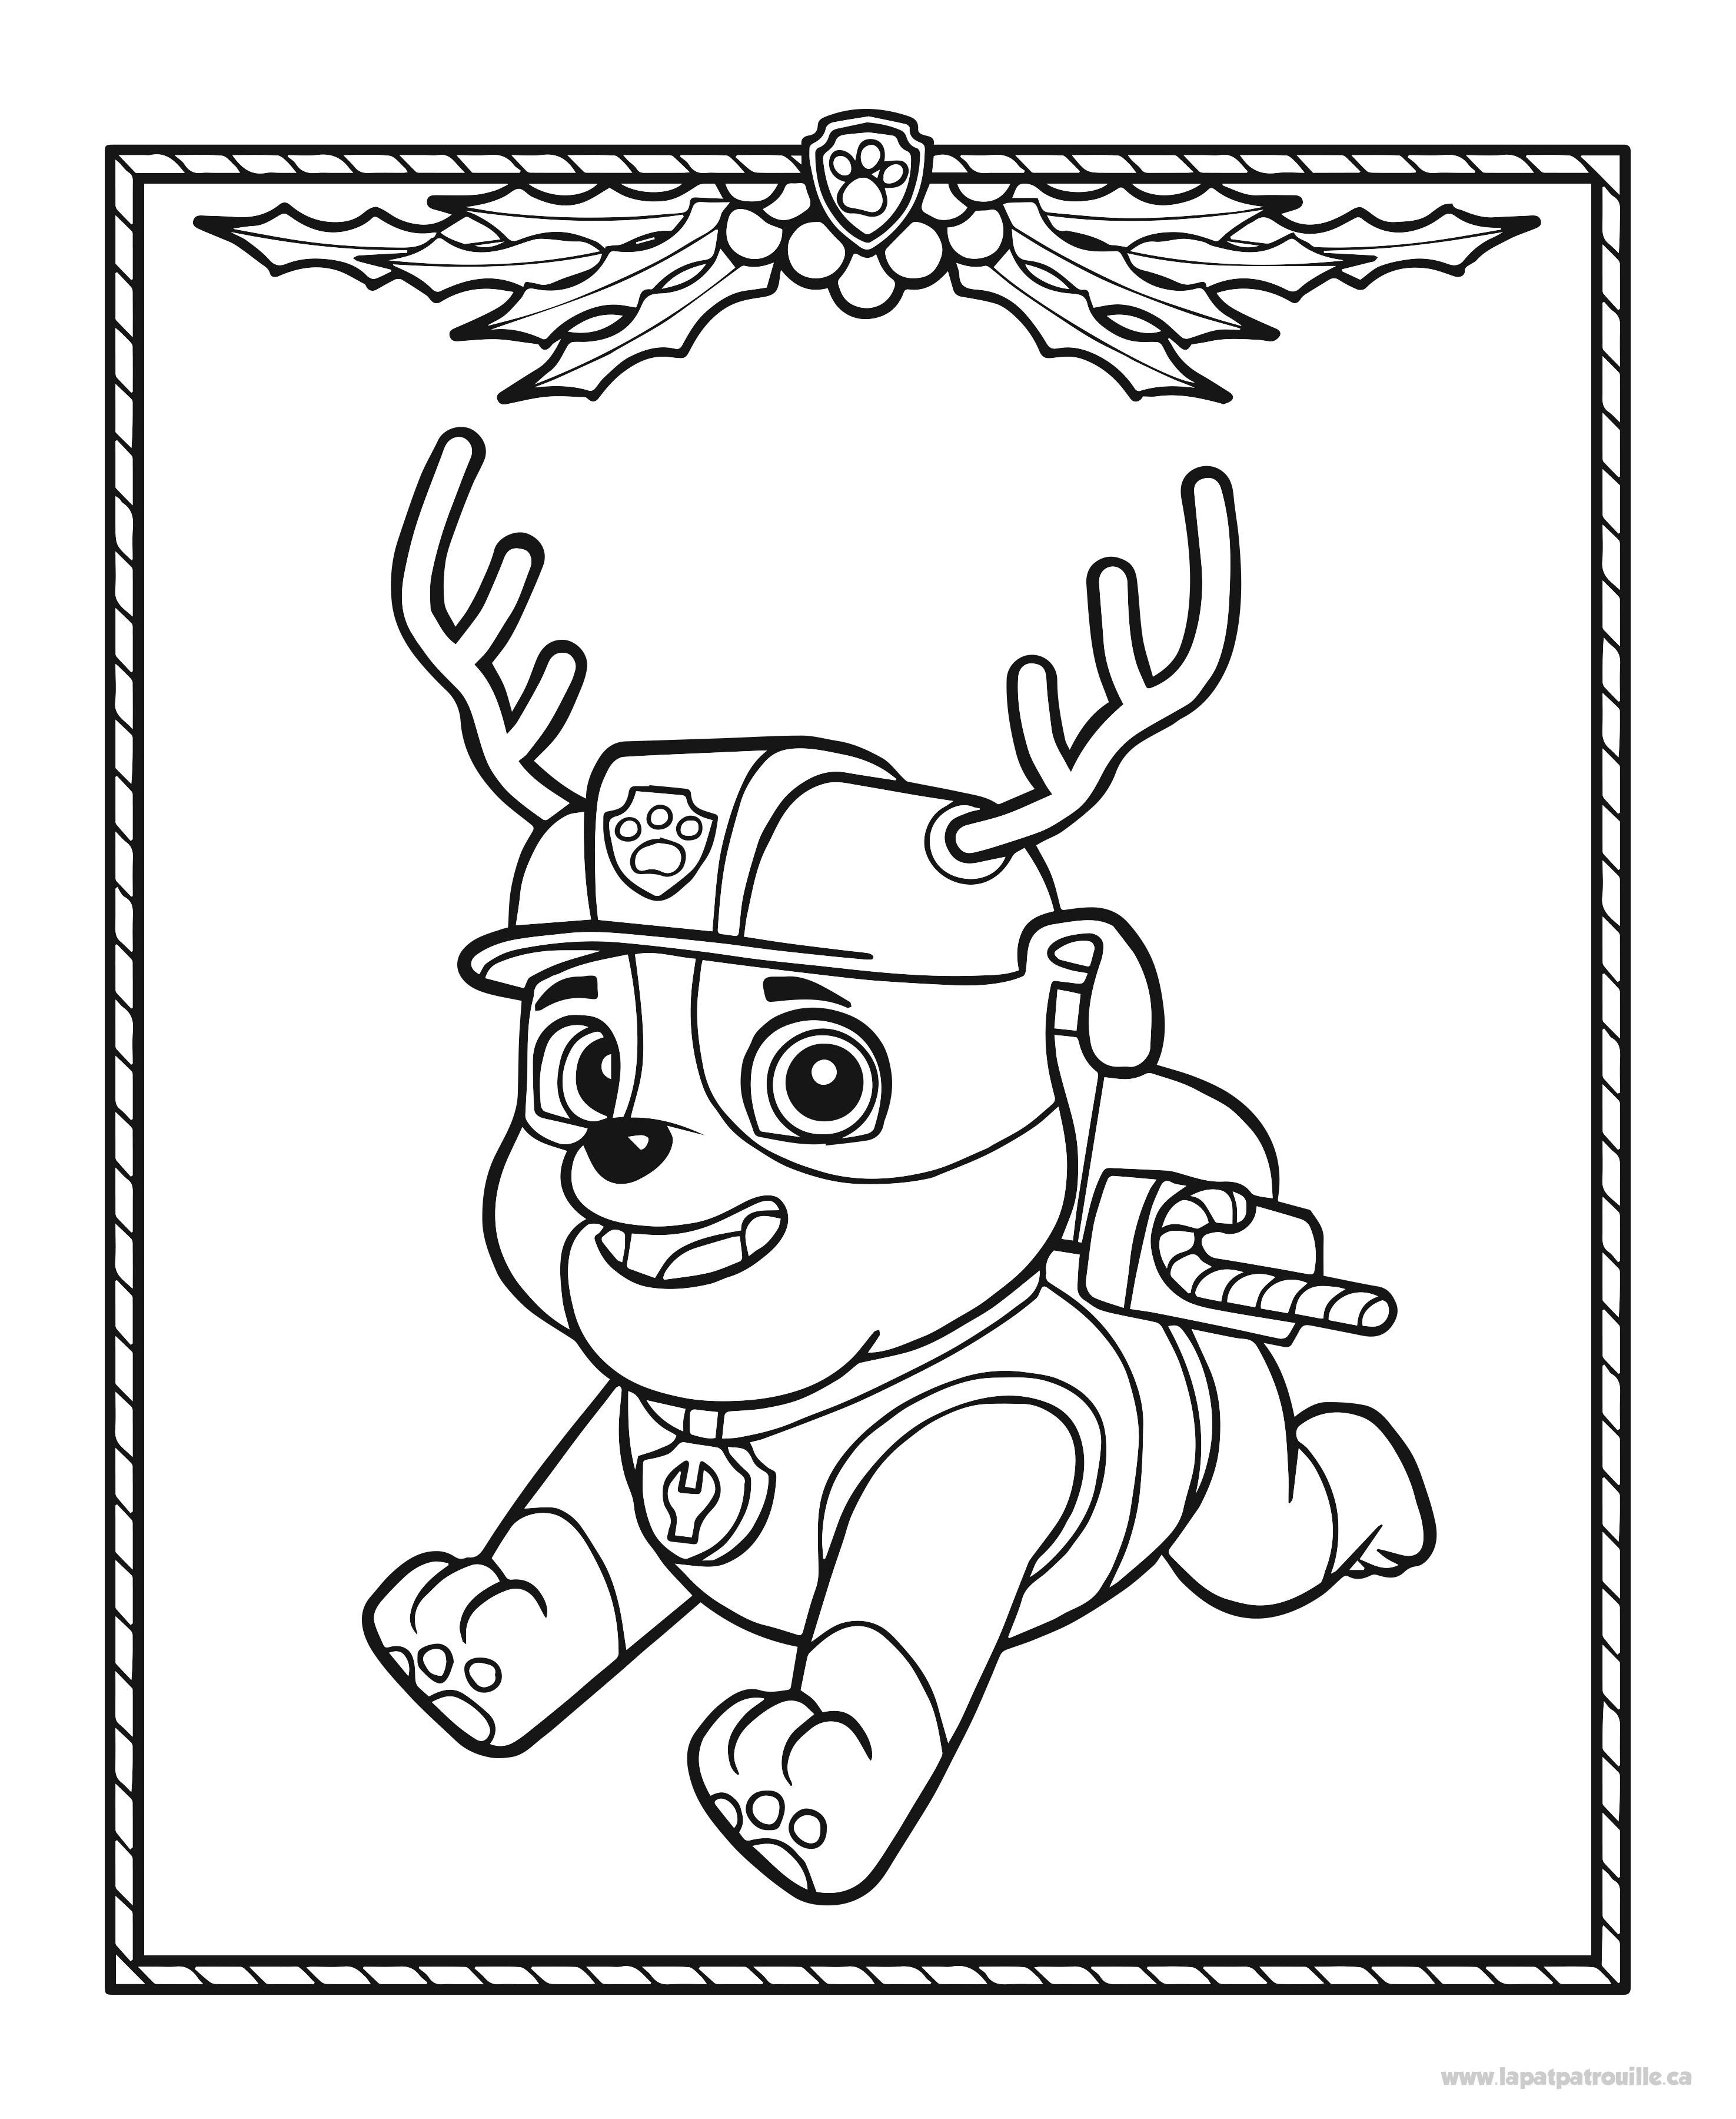 Coloriage De Ruben Qui Se Transforme En Renne Du Père Noël intérieur Coloriage Pat Patrouille A Imprimer